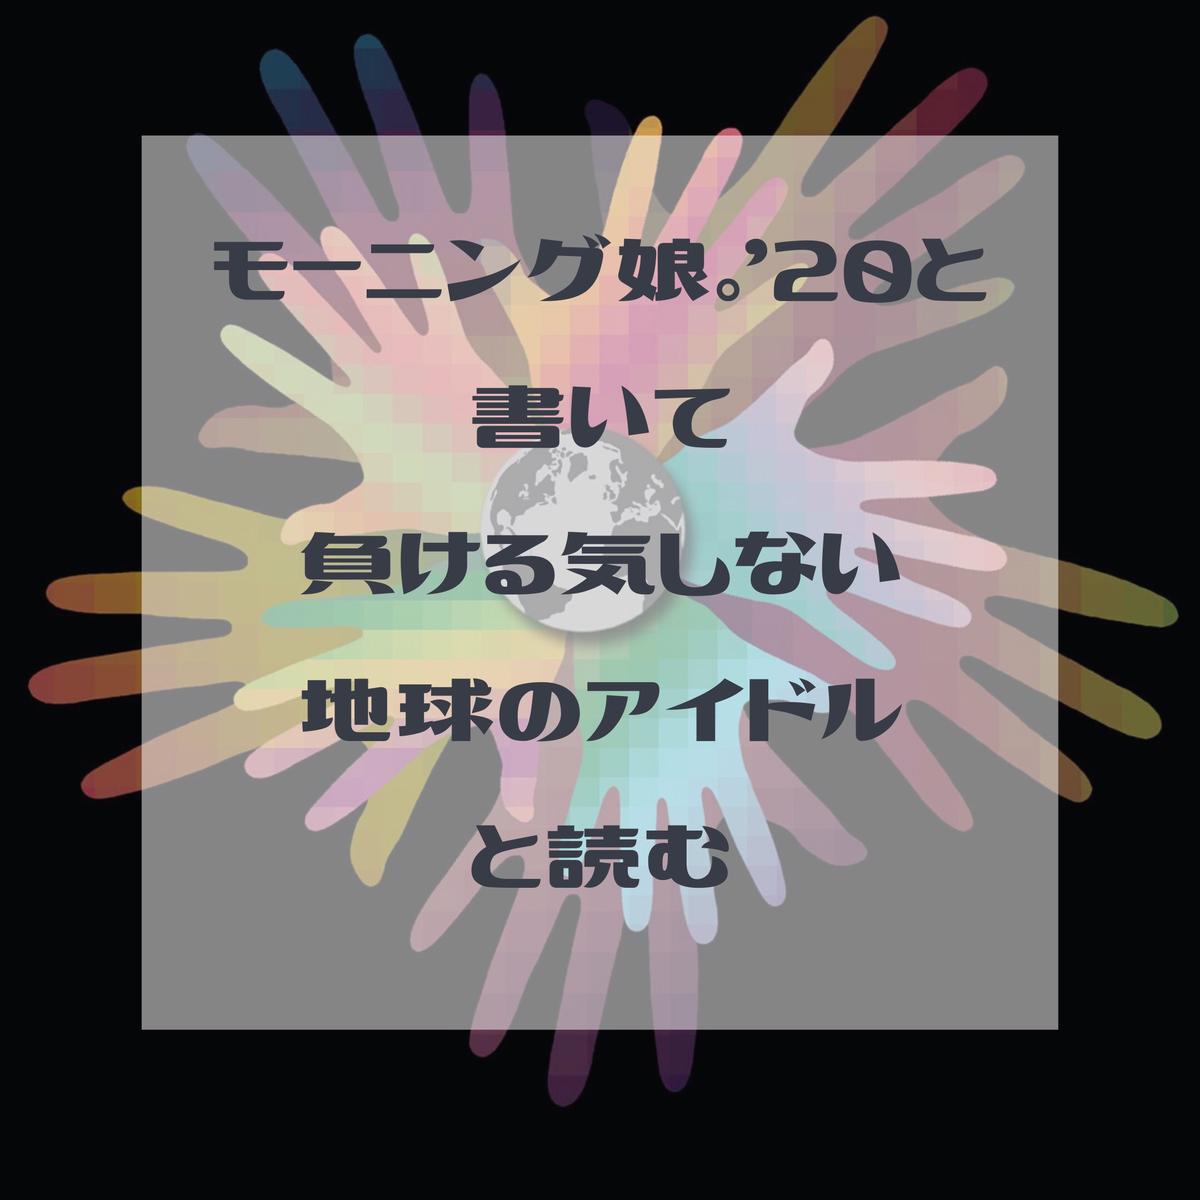 f:id:tsukino25:20191227175133p:plain